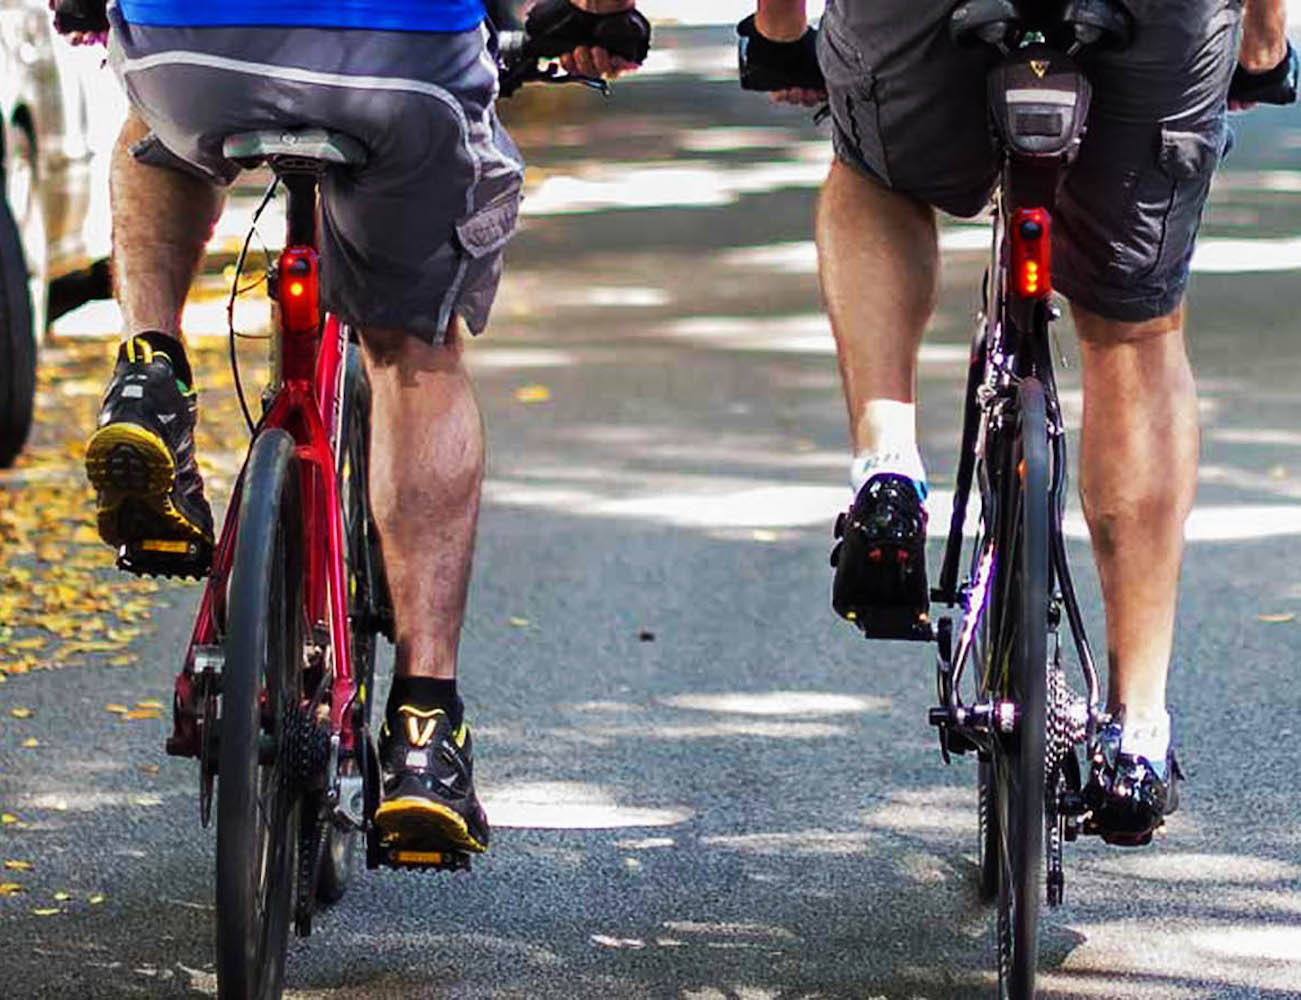 Cycliq Fly 6 Cycling Camera and Rear Light